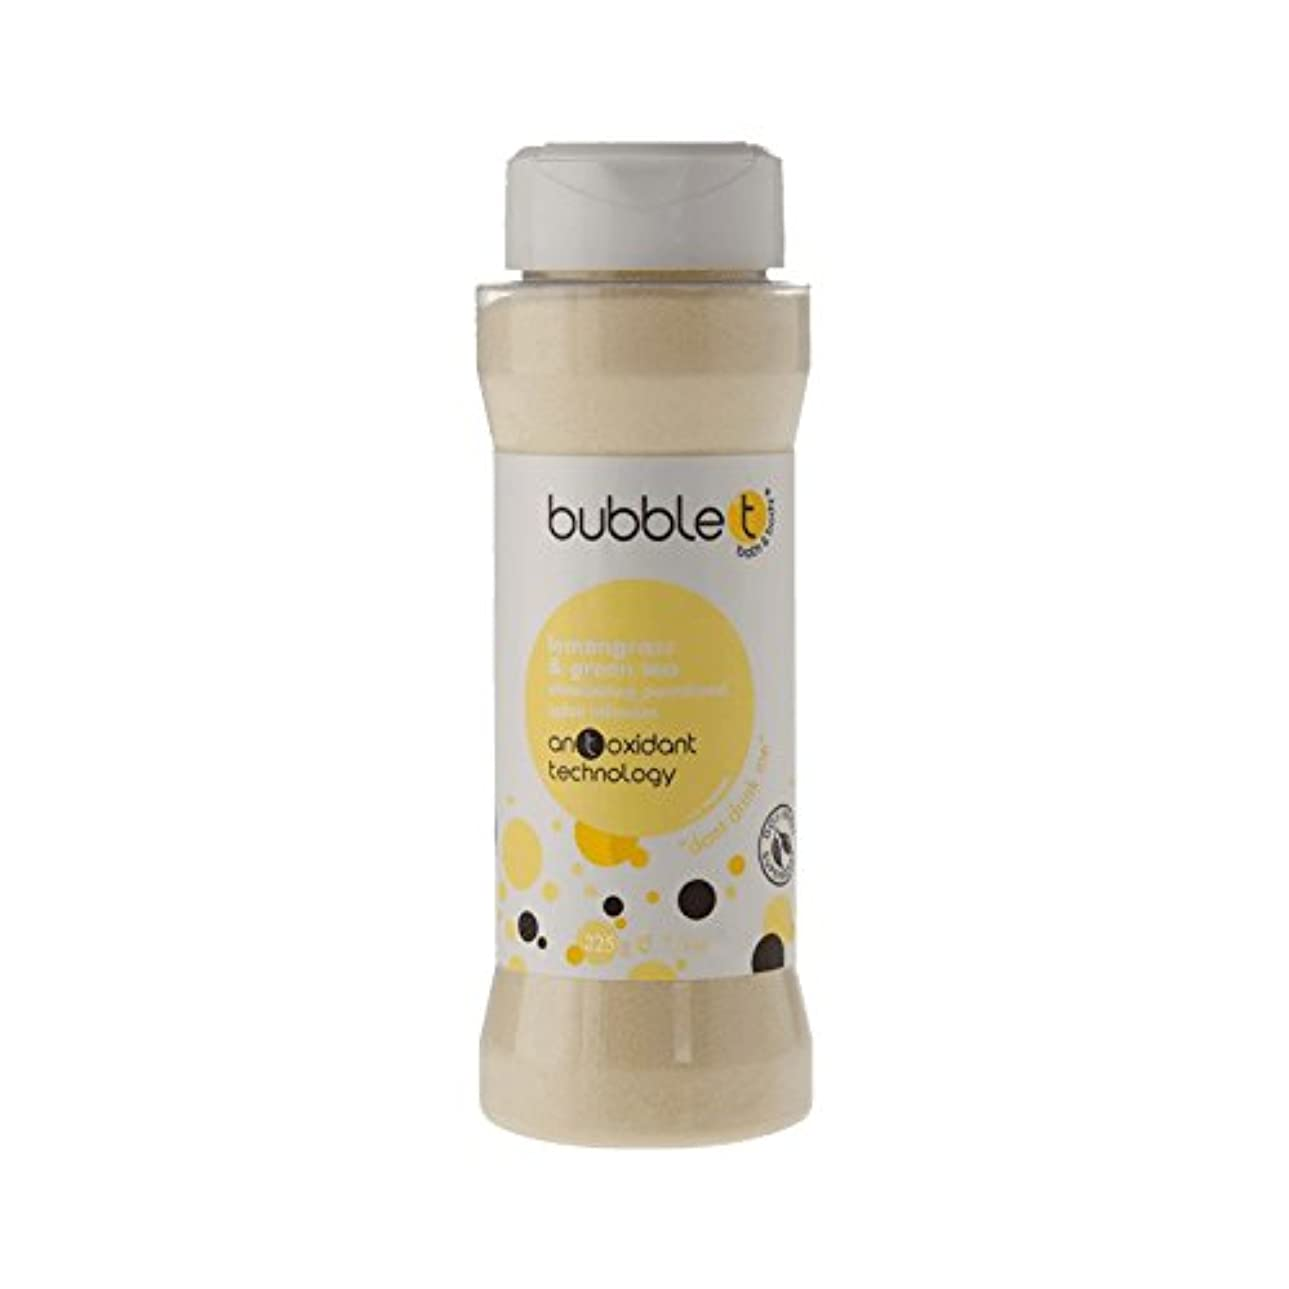 矩形起きている限界Bubble T Bath Spice Infusion Lemongrass & Green Tea 225g (Pack of 6) - バブルトン風呂スパイス注入レモングラス&緑茶225グラム (x6) [並行輸入品]